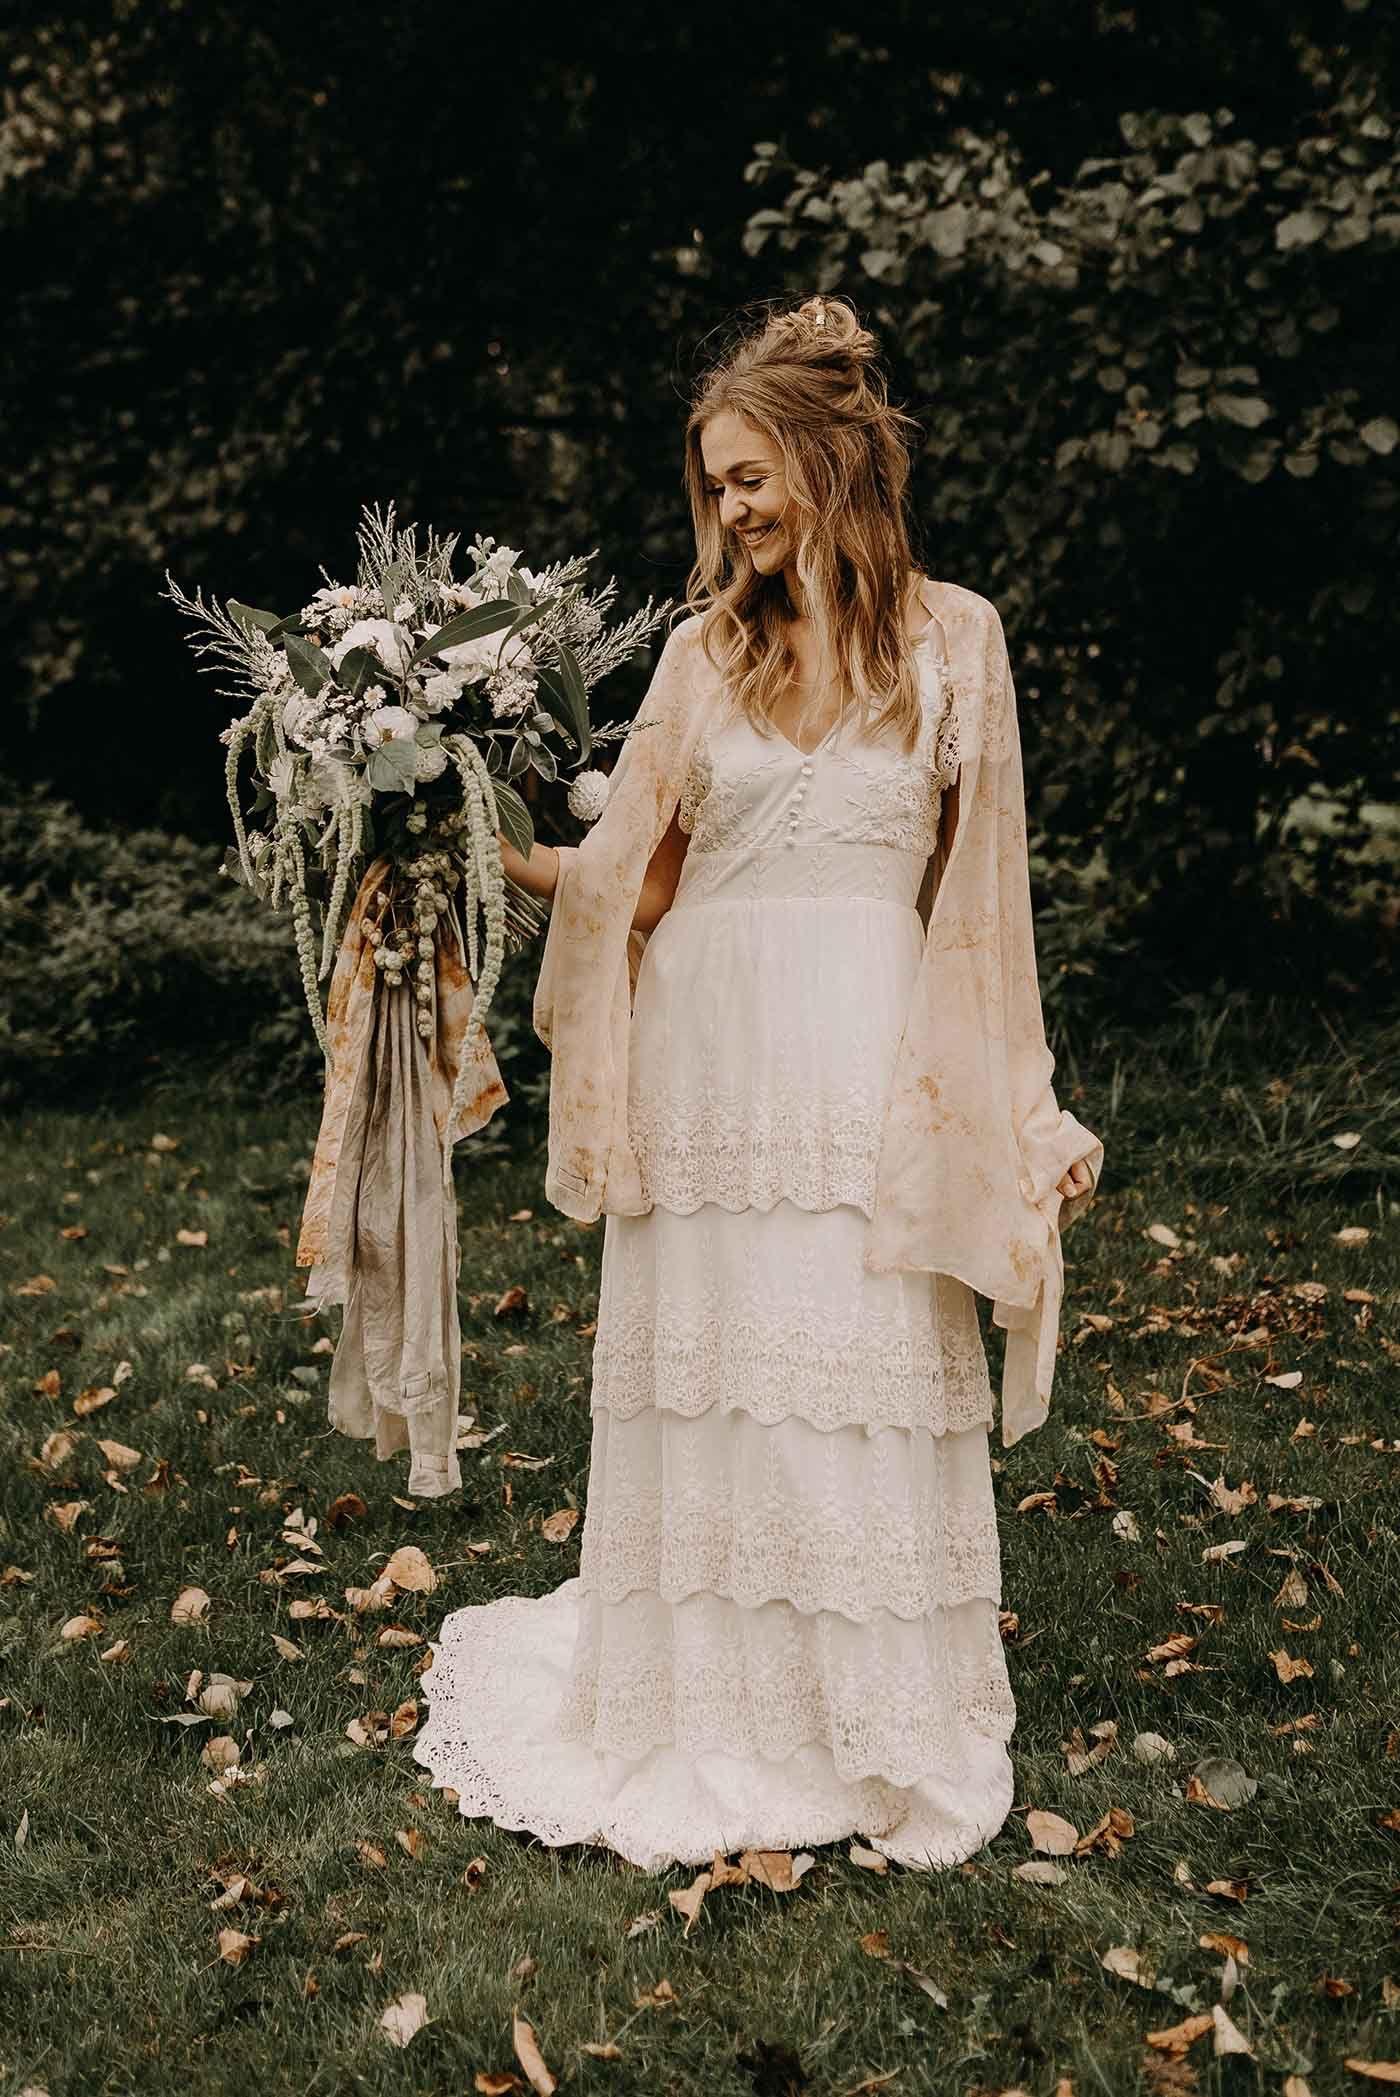 Party clothing Macrame boho wedding dress